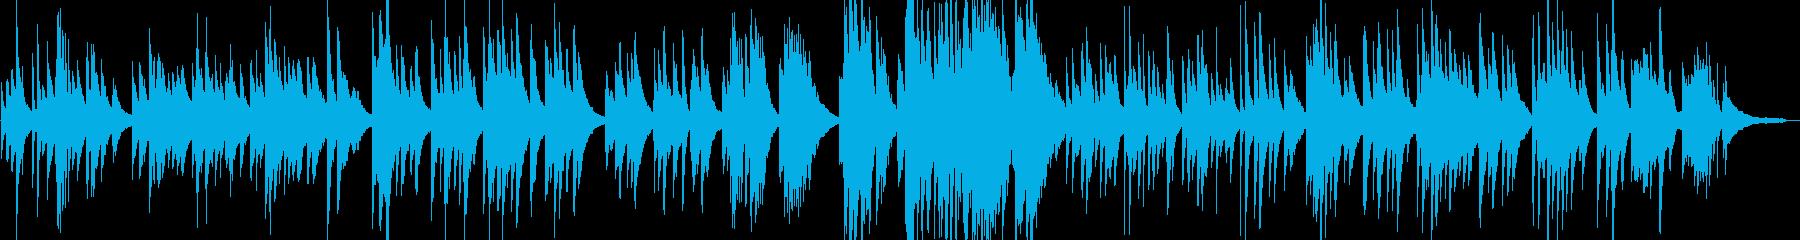 シンプルな日本のメロディーのピアノワルツの再生済みの波形